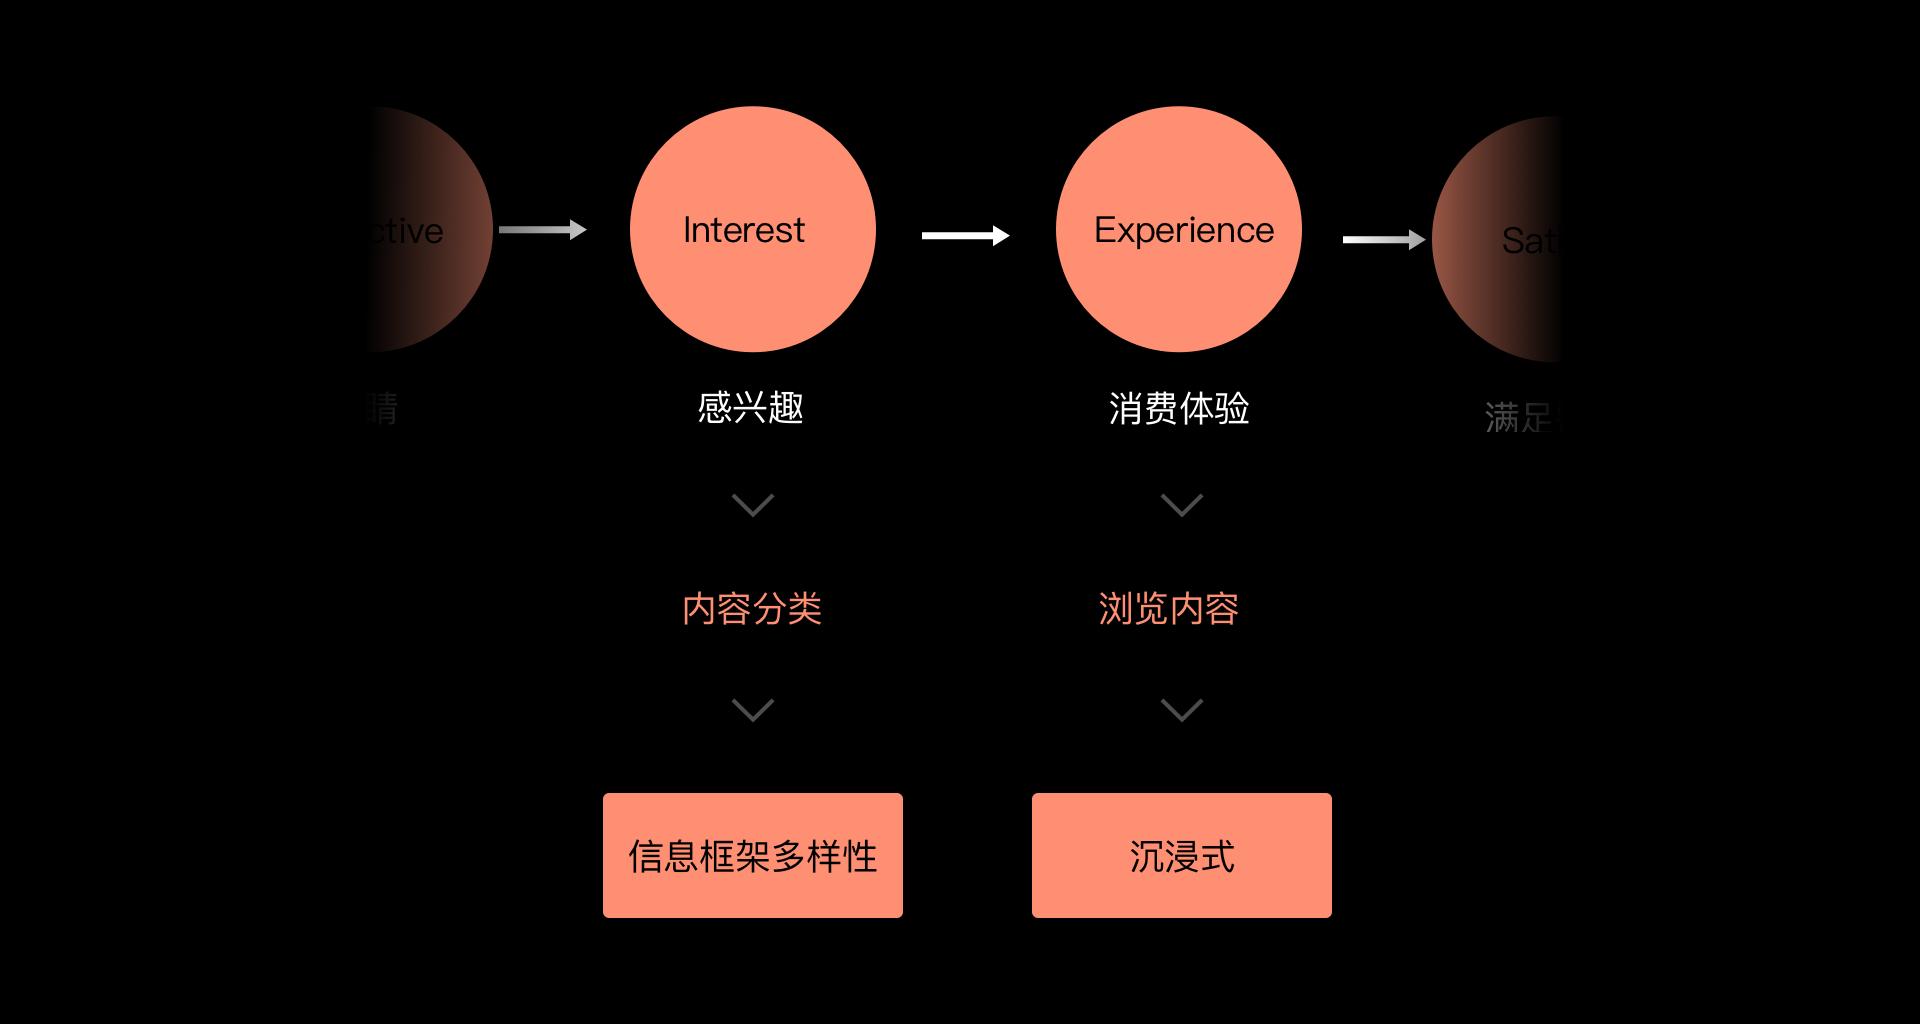 内容型产品交互规范的搭建指南